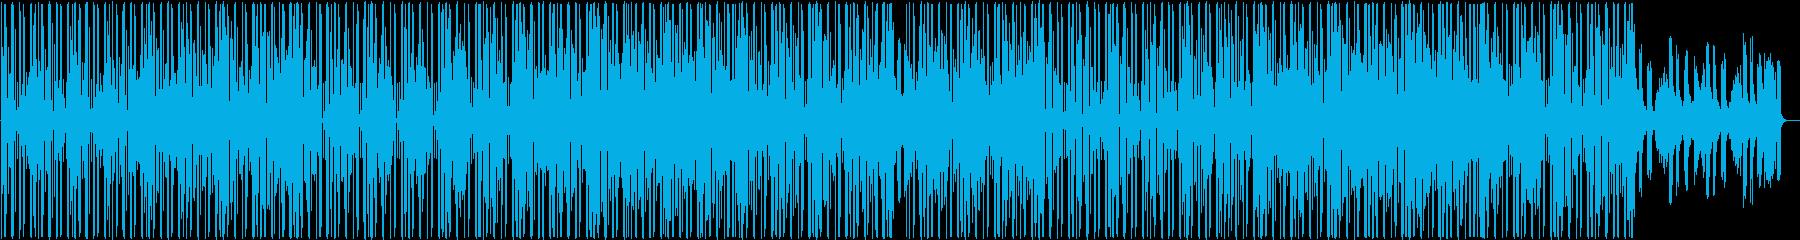 ゲーム ピアノ ヒップホップ 浮遊感の再生済みの波形